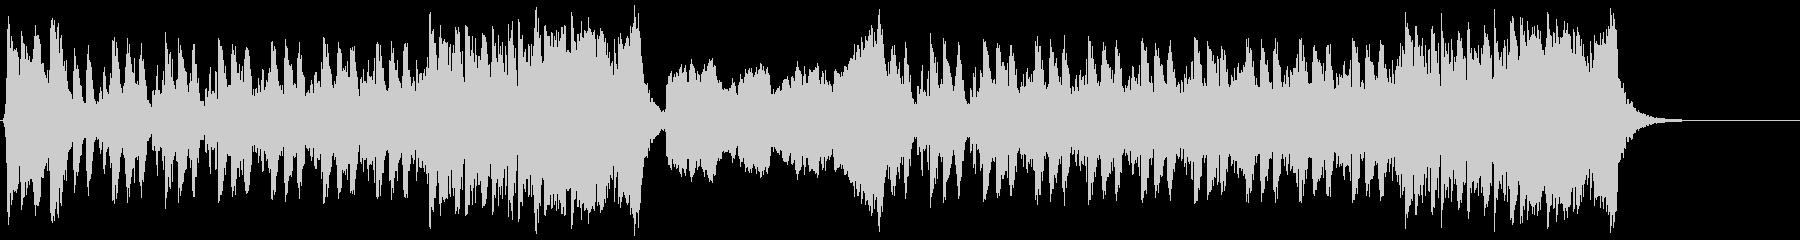 スリル満点のハリウッド系オーケストラの未再生の波形